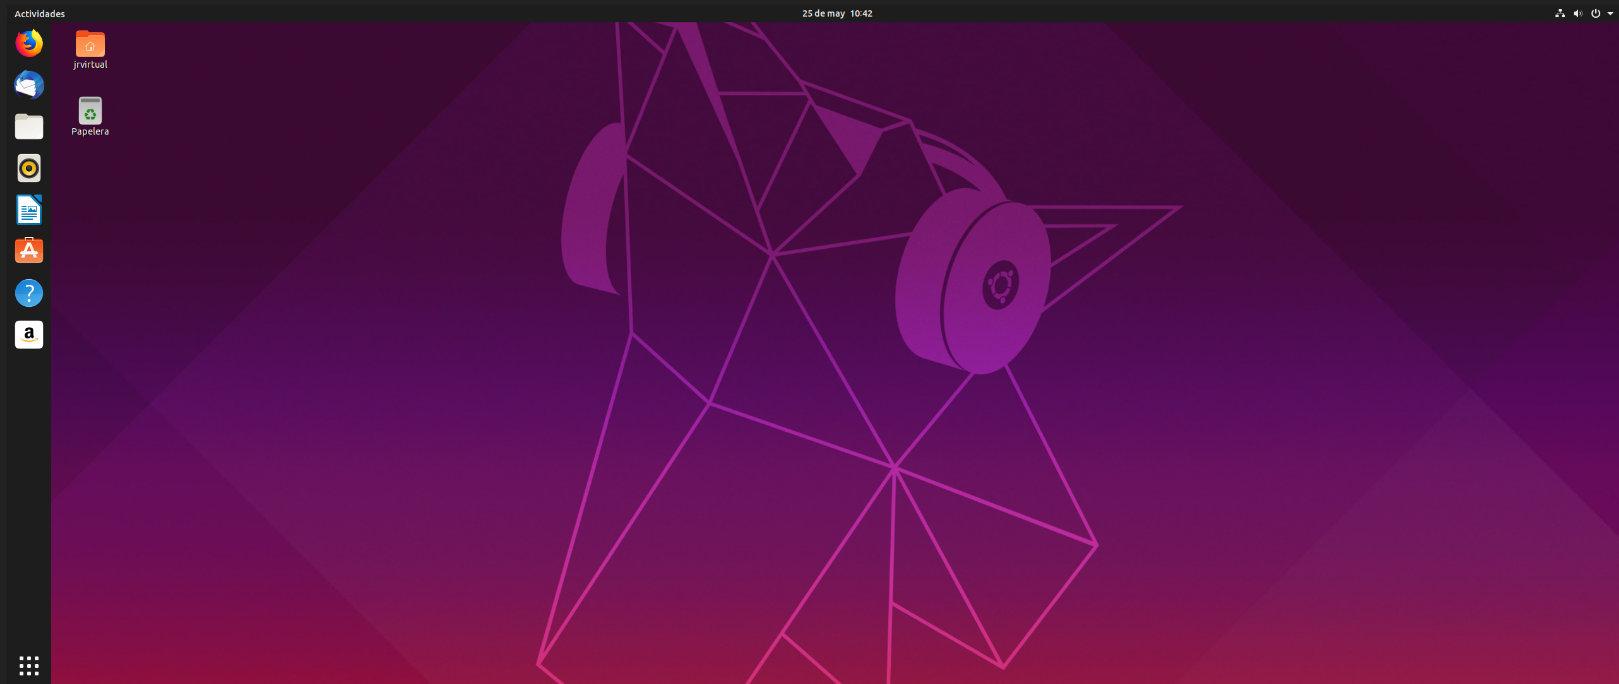 Cómo instalar Windows 10 y Ubuntu 19 con arranque dual desde cero y paso a paso 53